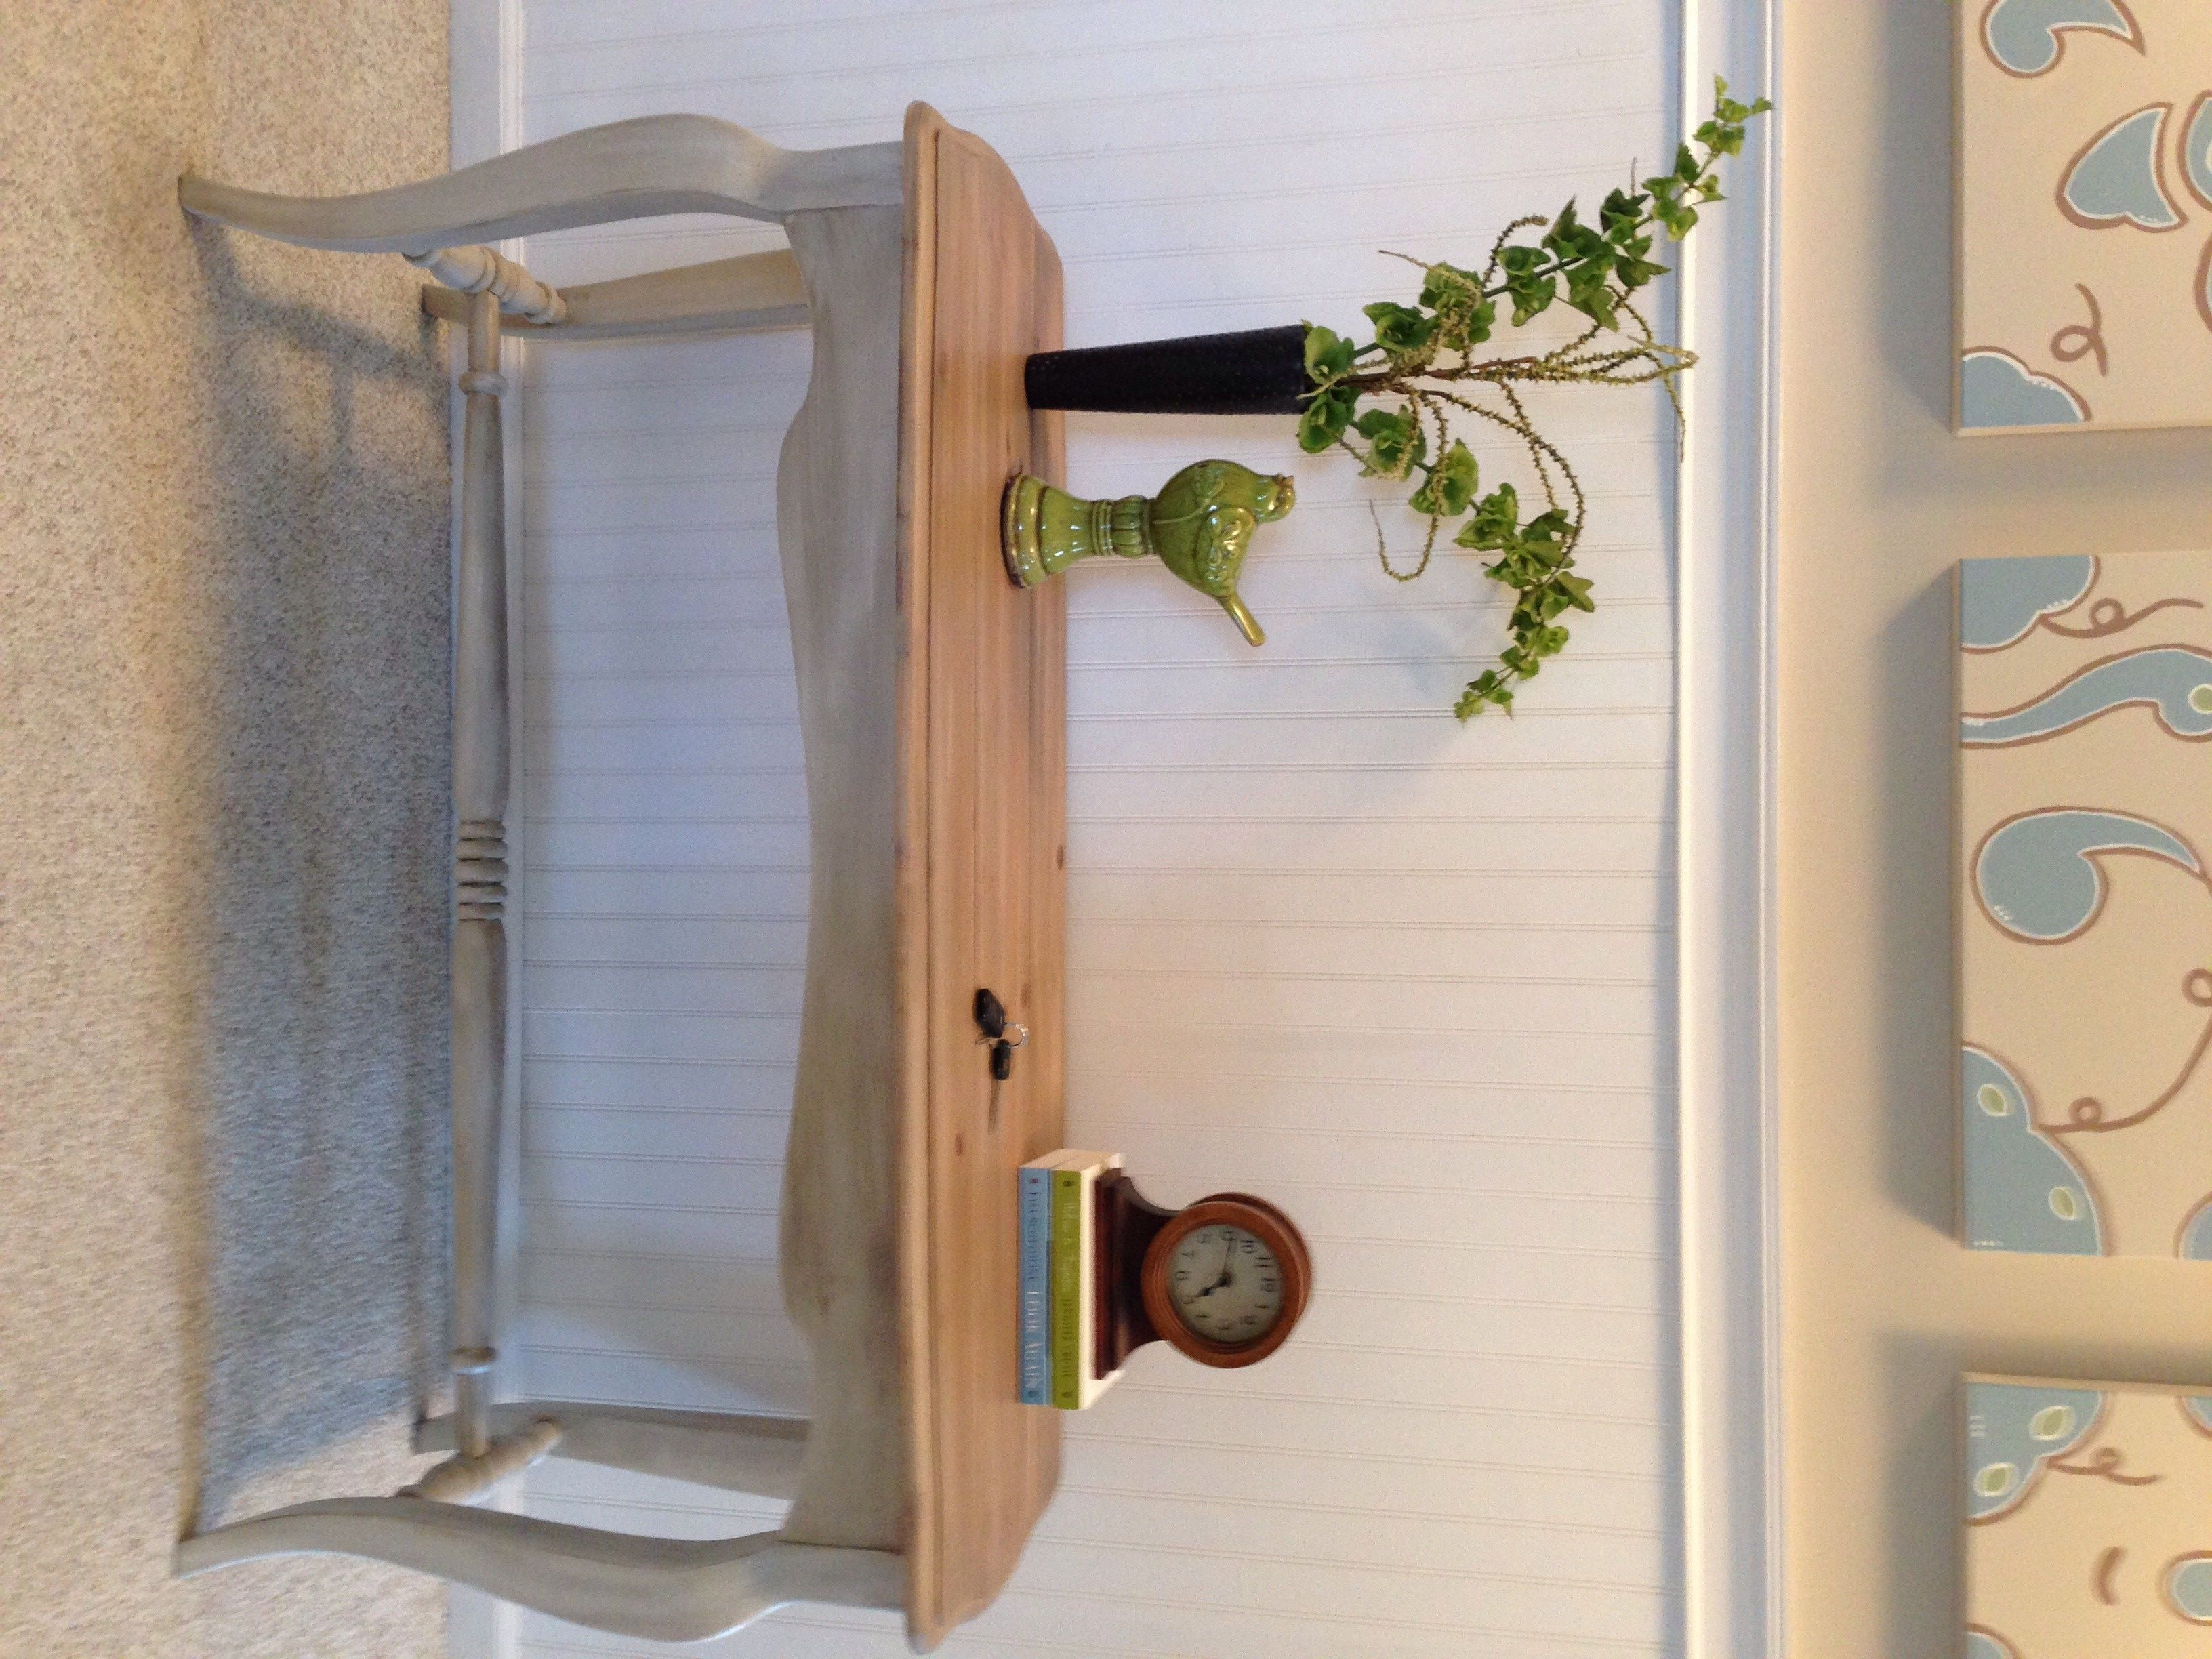 Rustoleum Driftwood Stain Rustoleum Driftwood Stain Image35 E1379799284956jpg Home